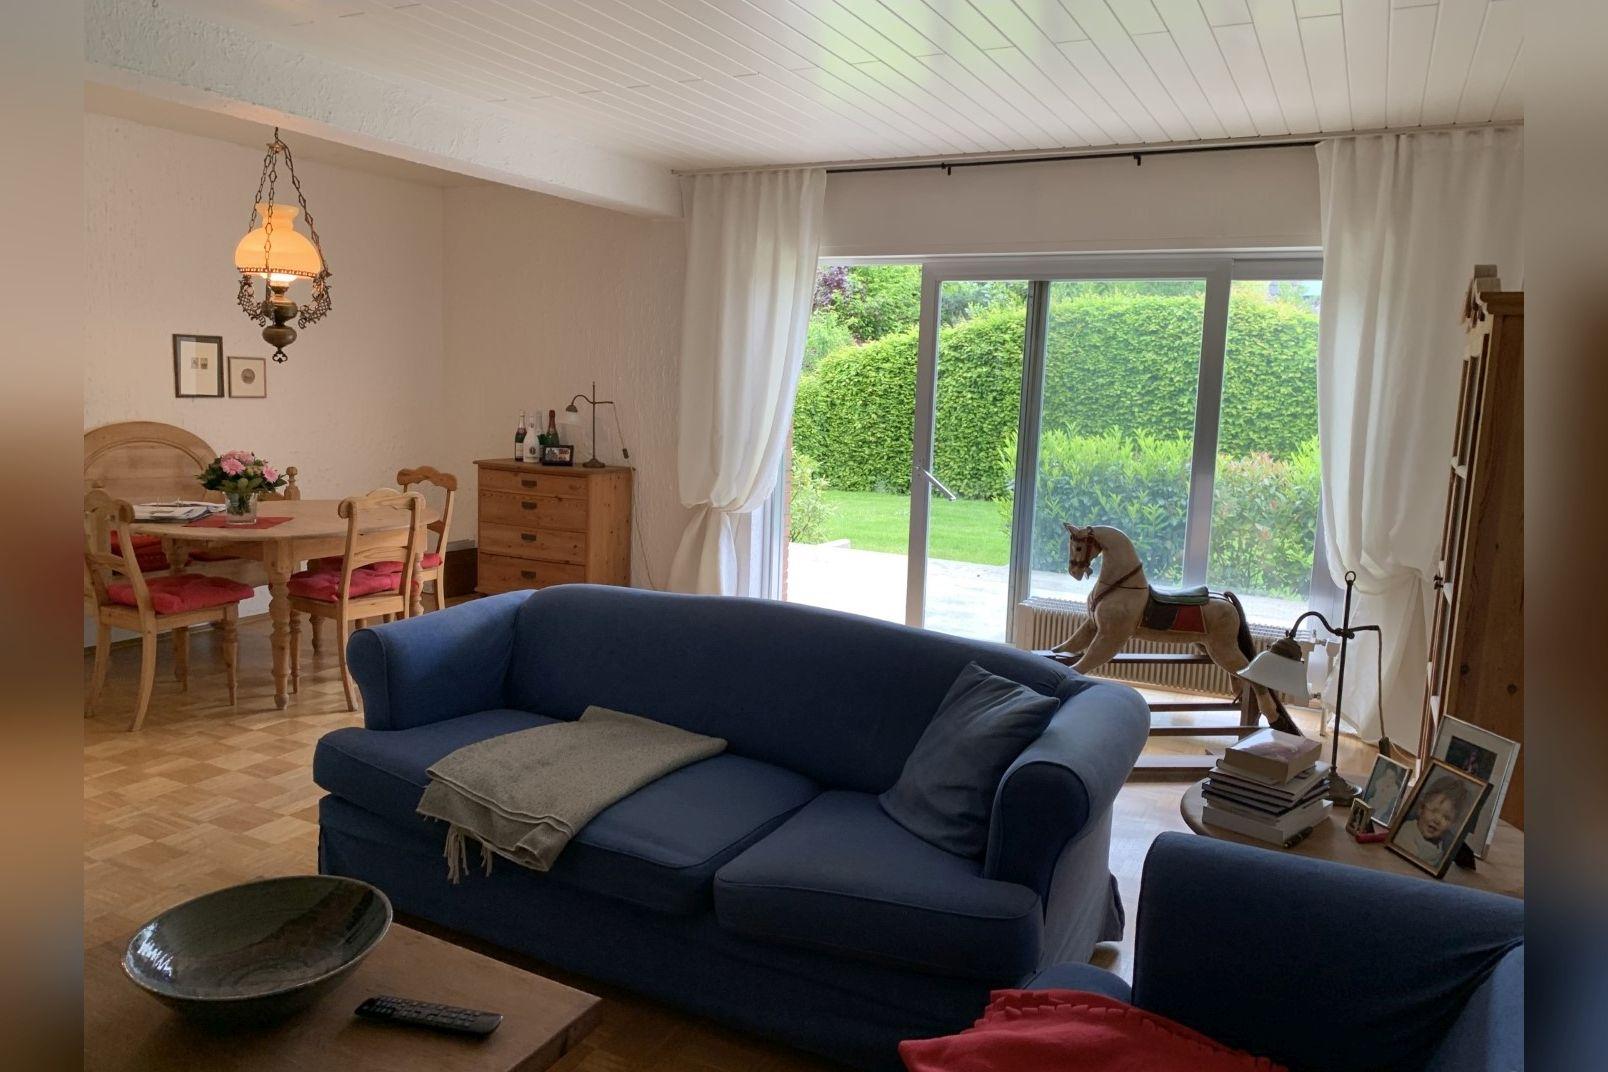 Immobilie Nr.0260 - Einfamilienhaus, zum 2-FH erweiterbar. Spitzboden als zusätzl. Ausbaureserve - Bild 16.jpg